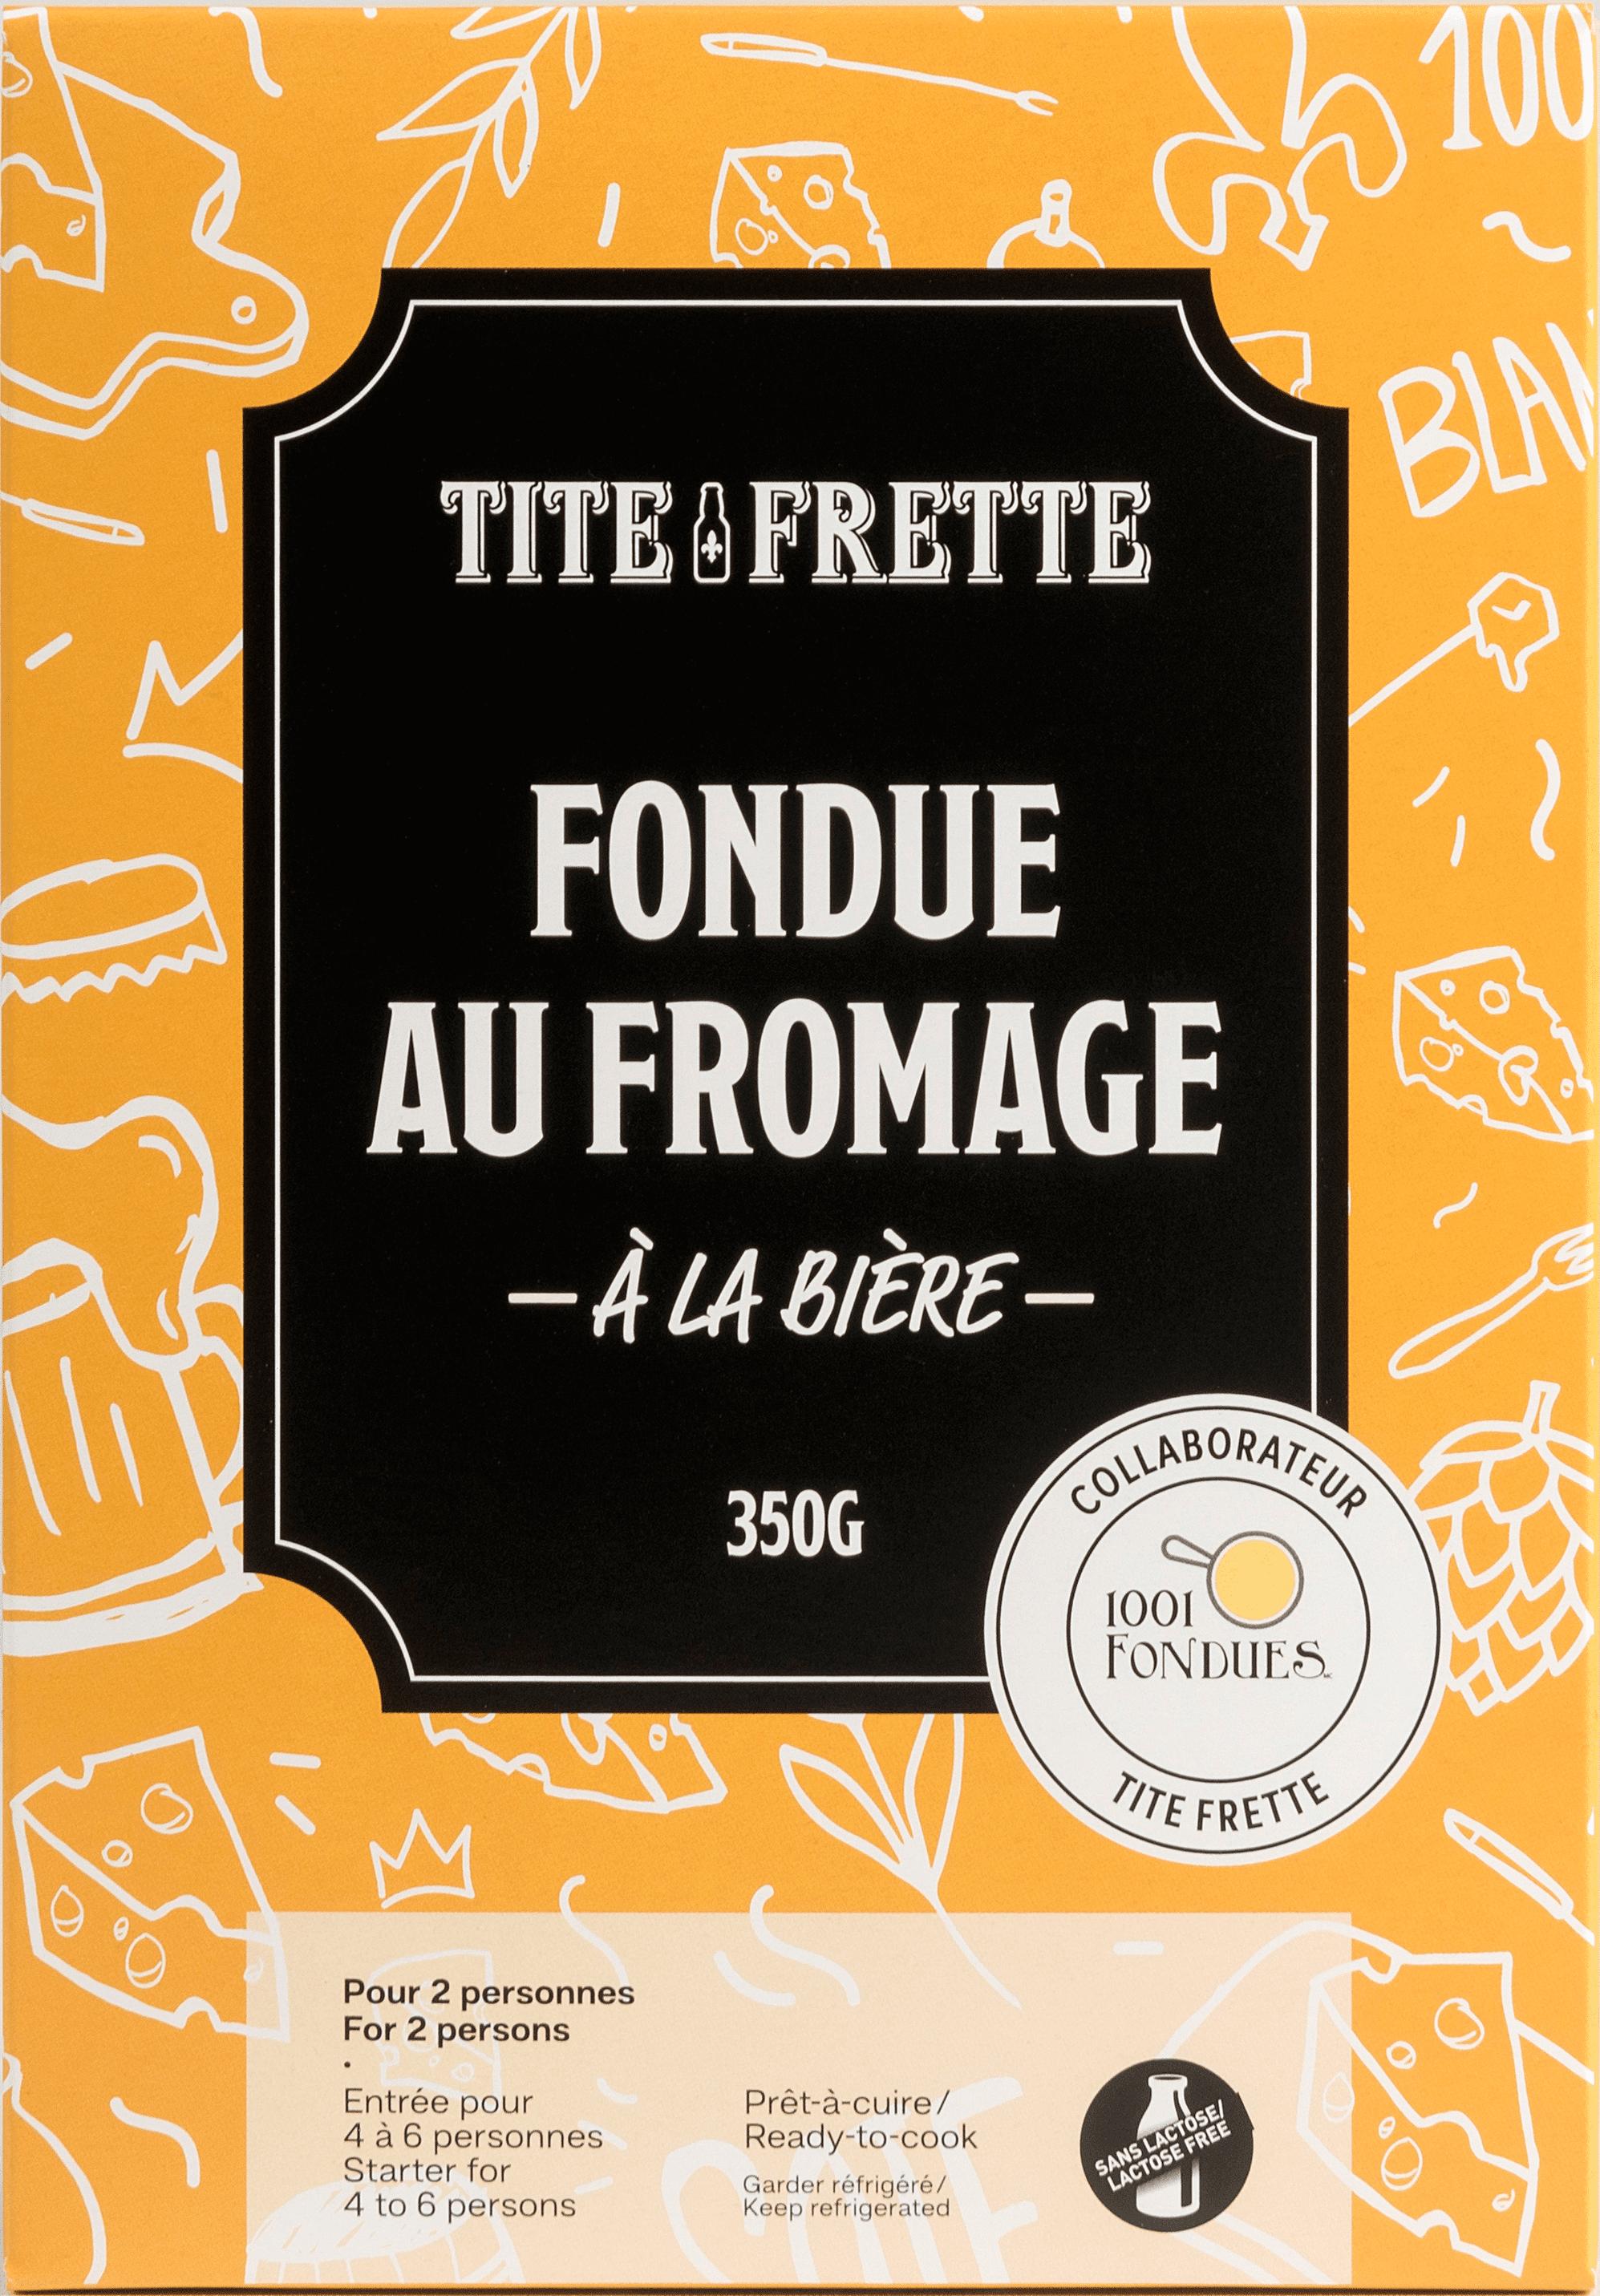 La Tite Frette - Tite Frette brewery